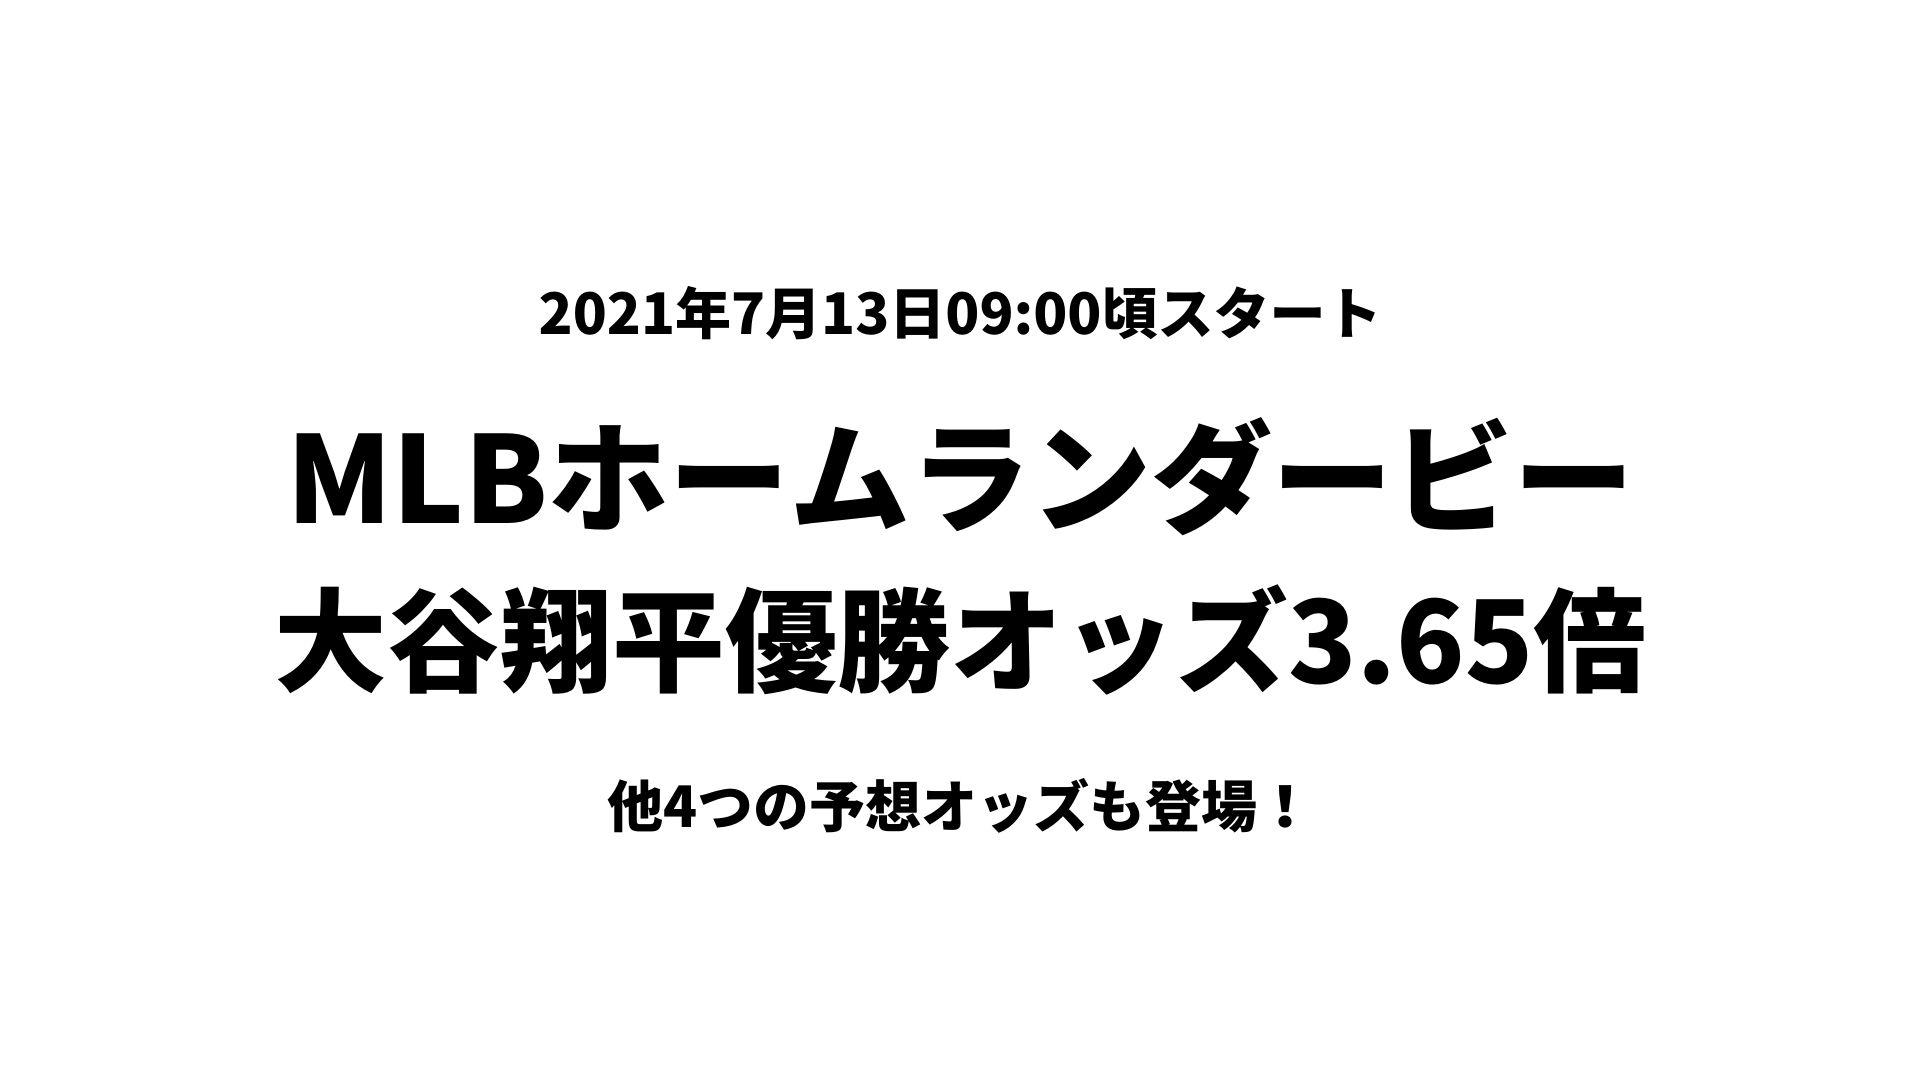 大谷翔平ホームランダービーで優勝か